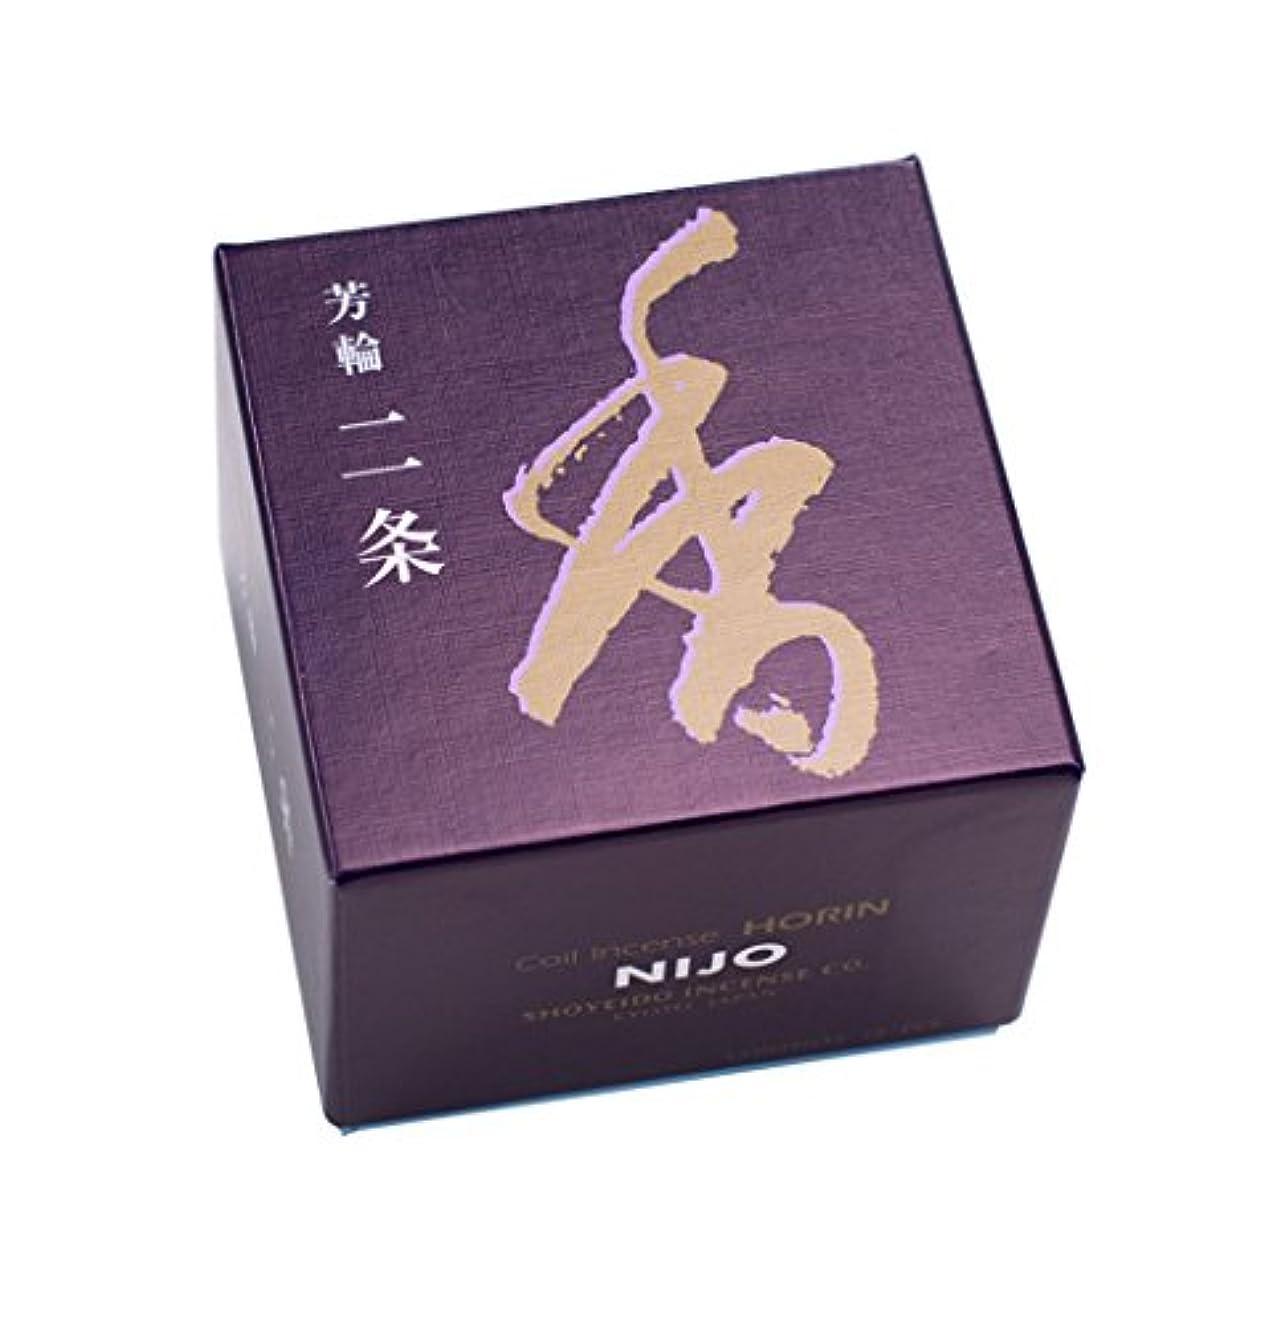 世紀災害成功する松栄堂のお香 芳輪二条 渦巻型10枚入 うてな角型付 #210121